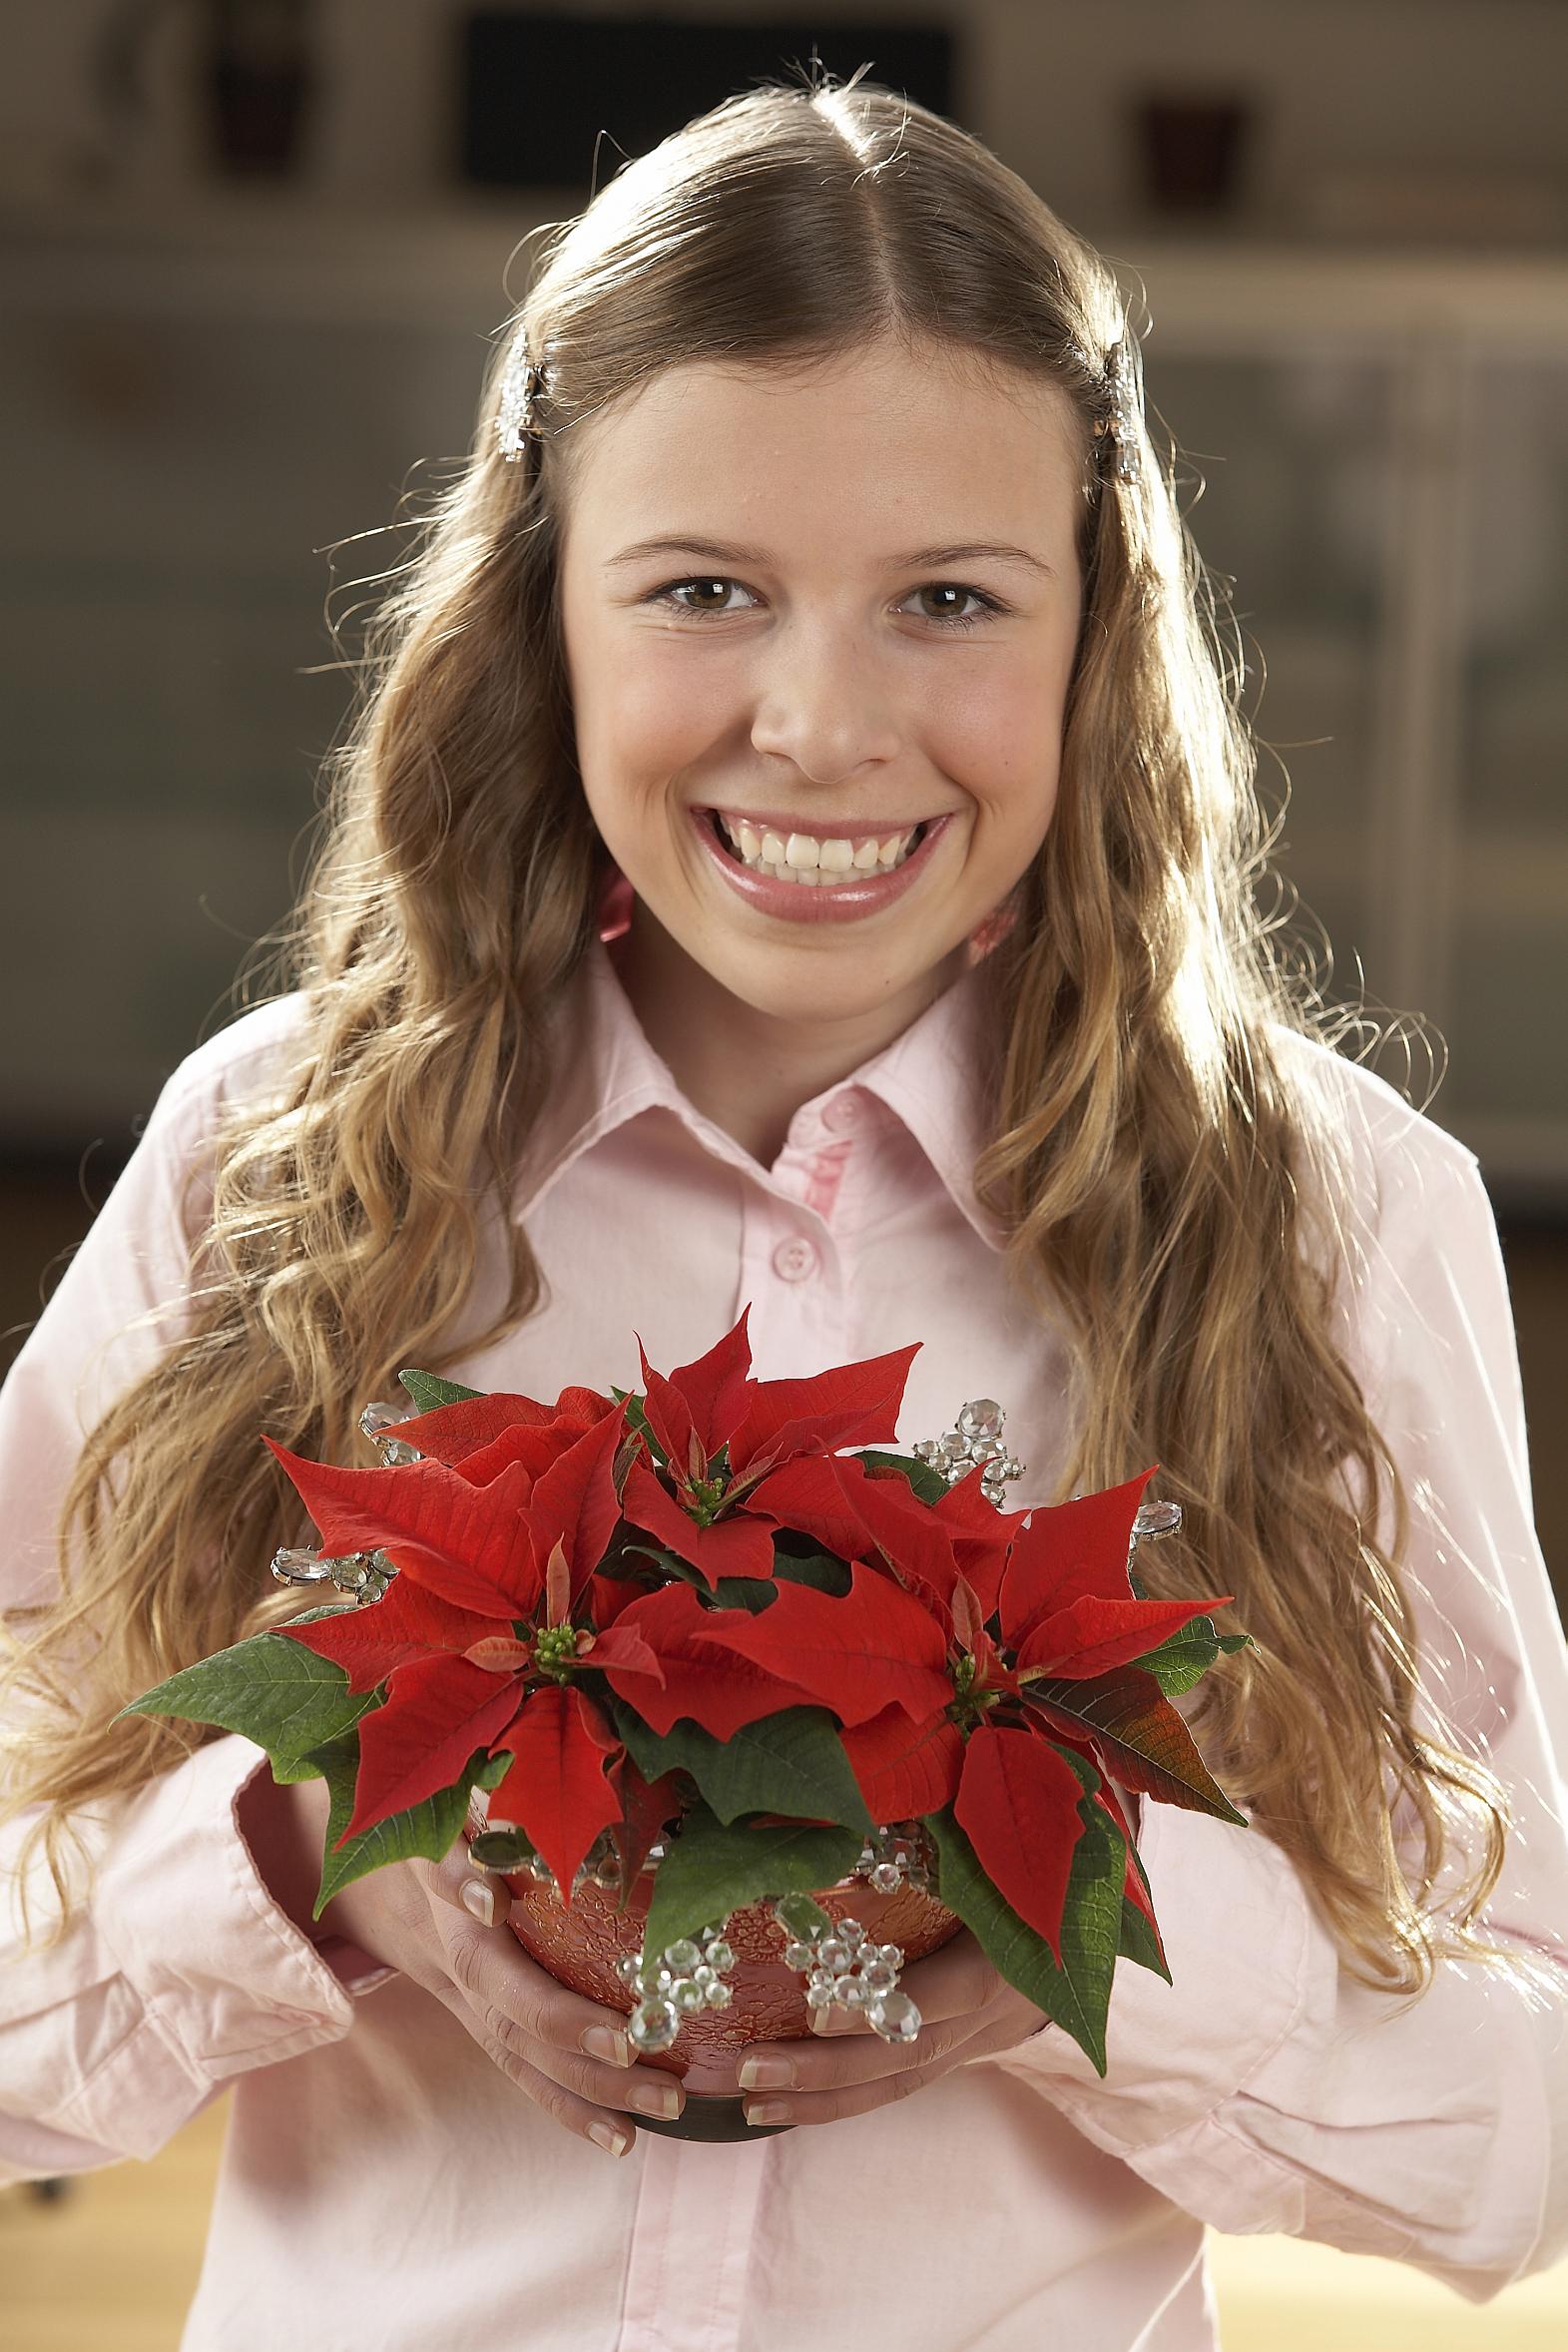 Viel mehr als nur ein Stern – Am 12. Dezember ist Poinsettia Day, der Tag des Weihnachtssterns